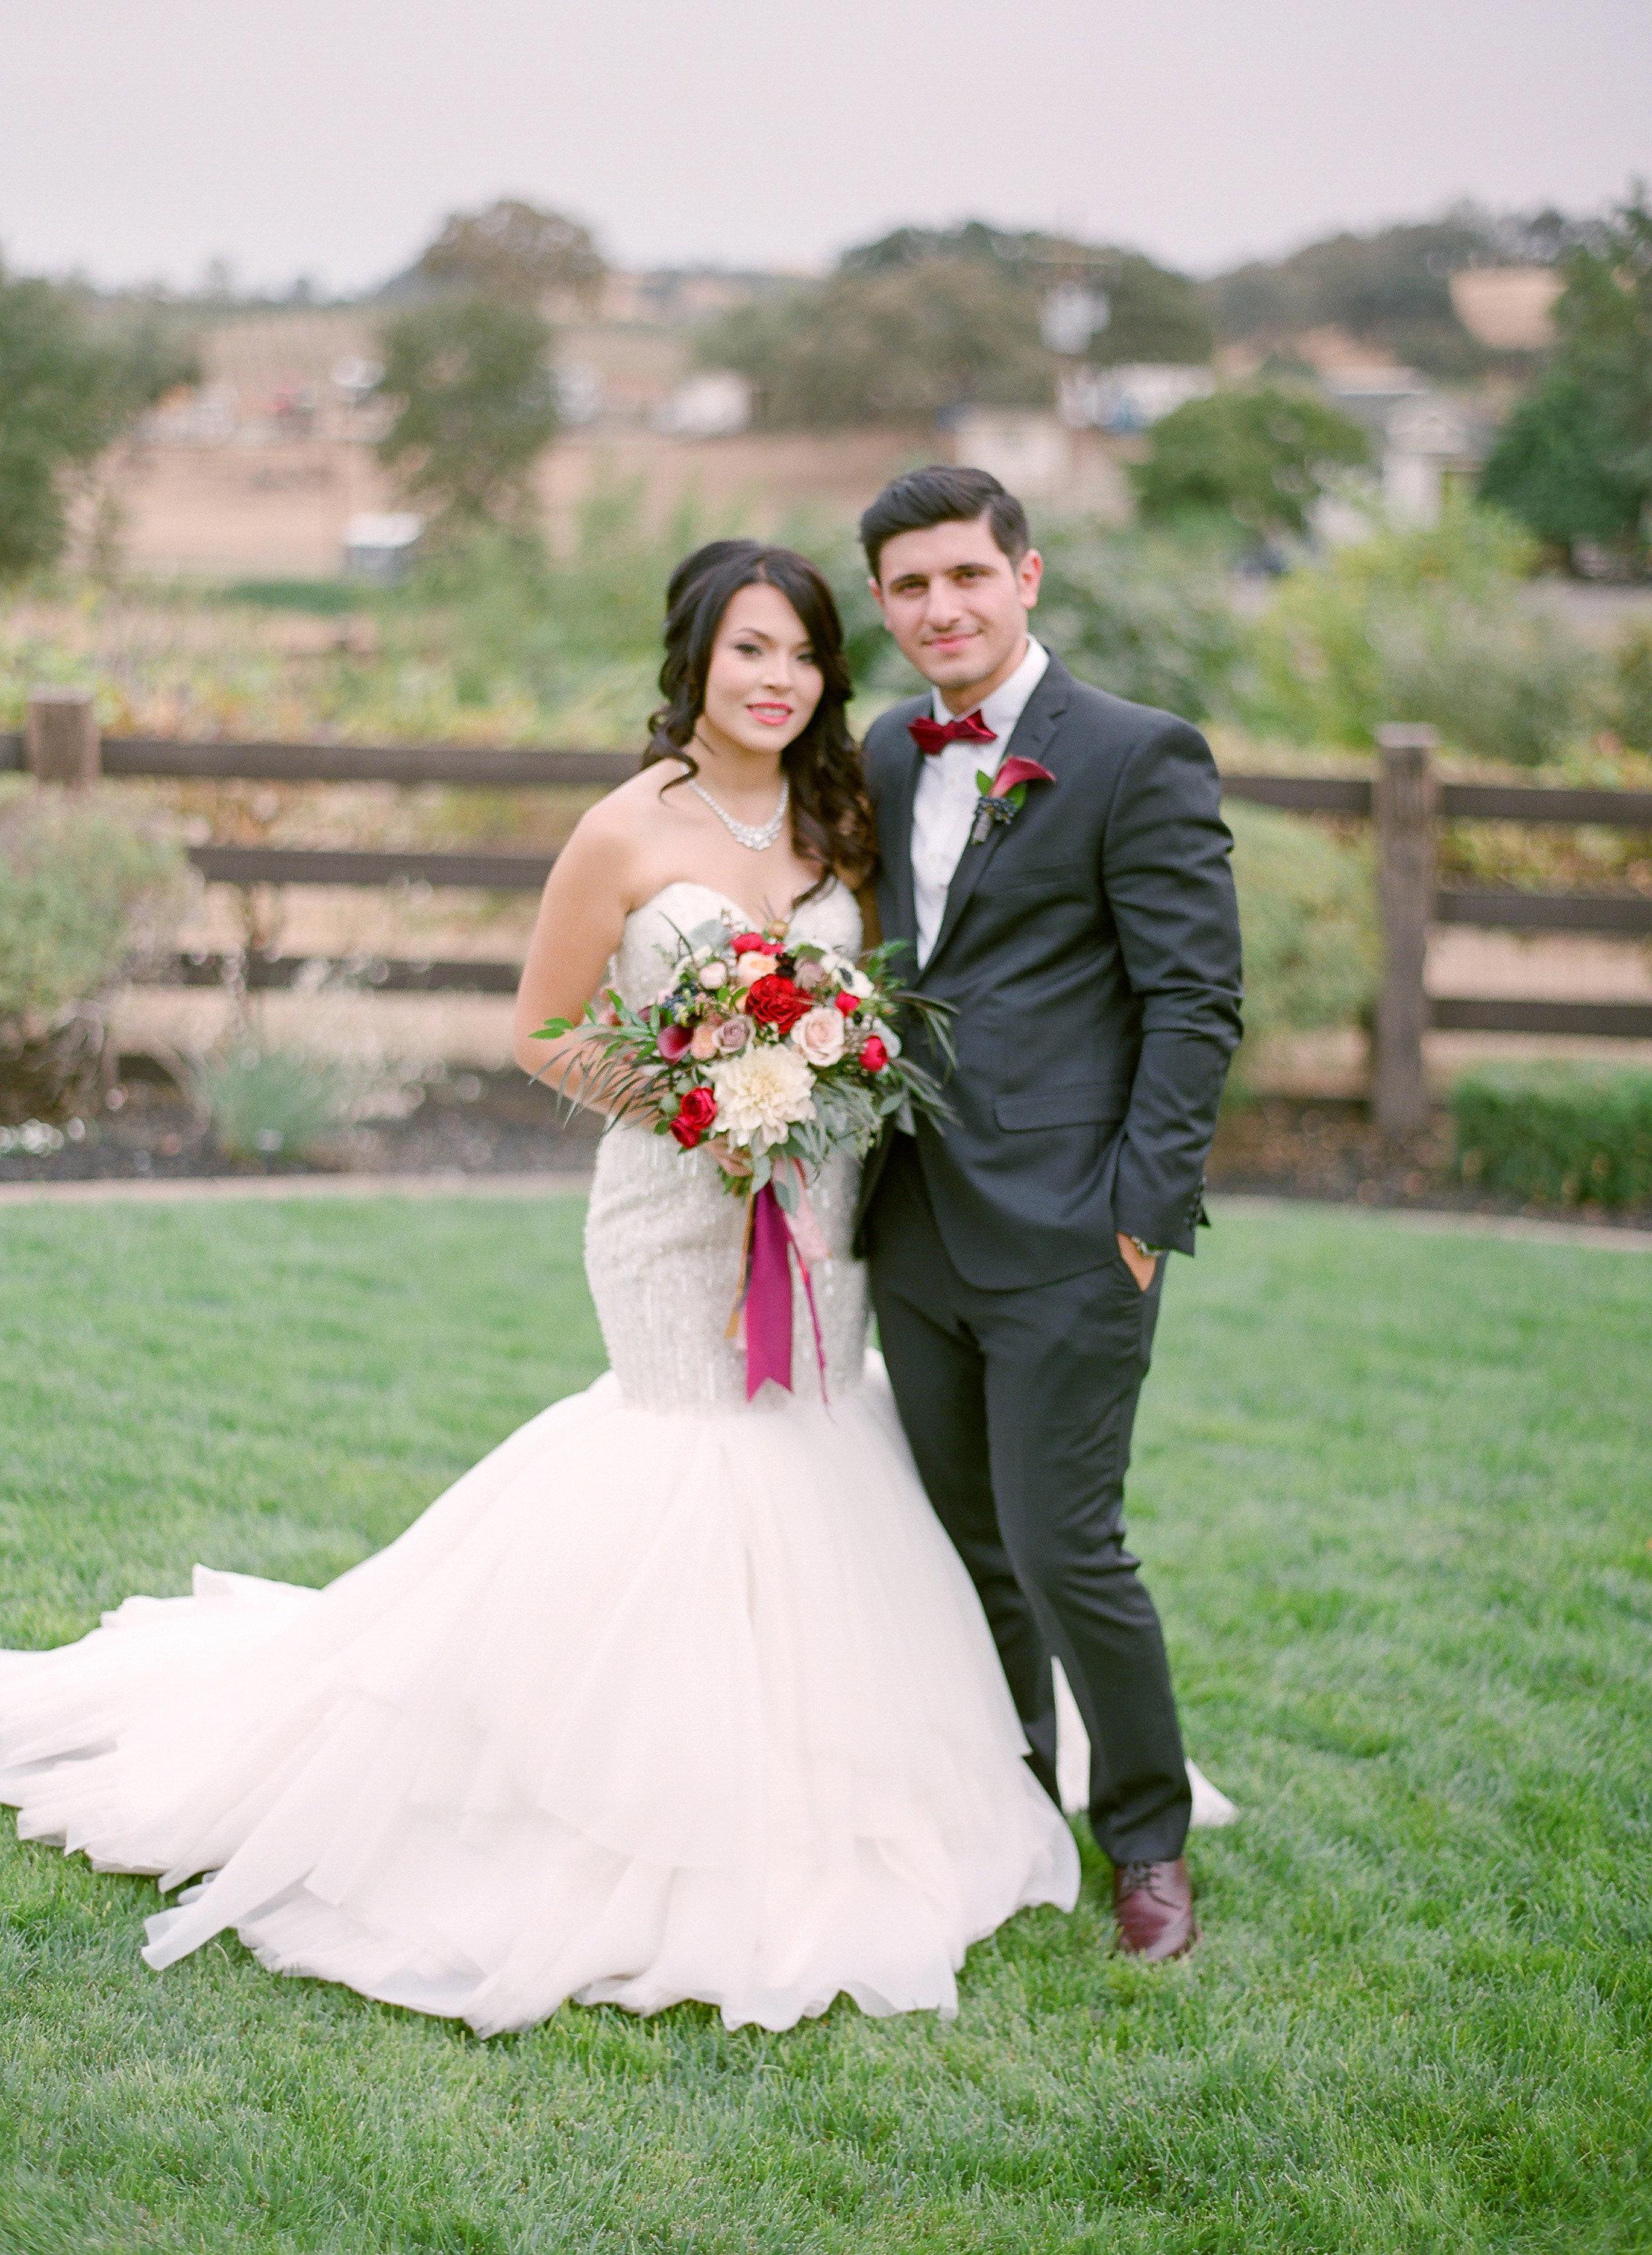 Amador_County_Wedding_Bride_Groom_Pose_Bridal_Bouquet_Rancho_Victoria_Vineyard_Northern_California.jpg